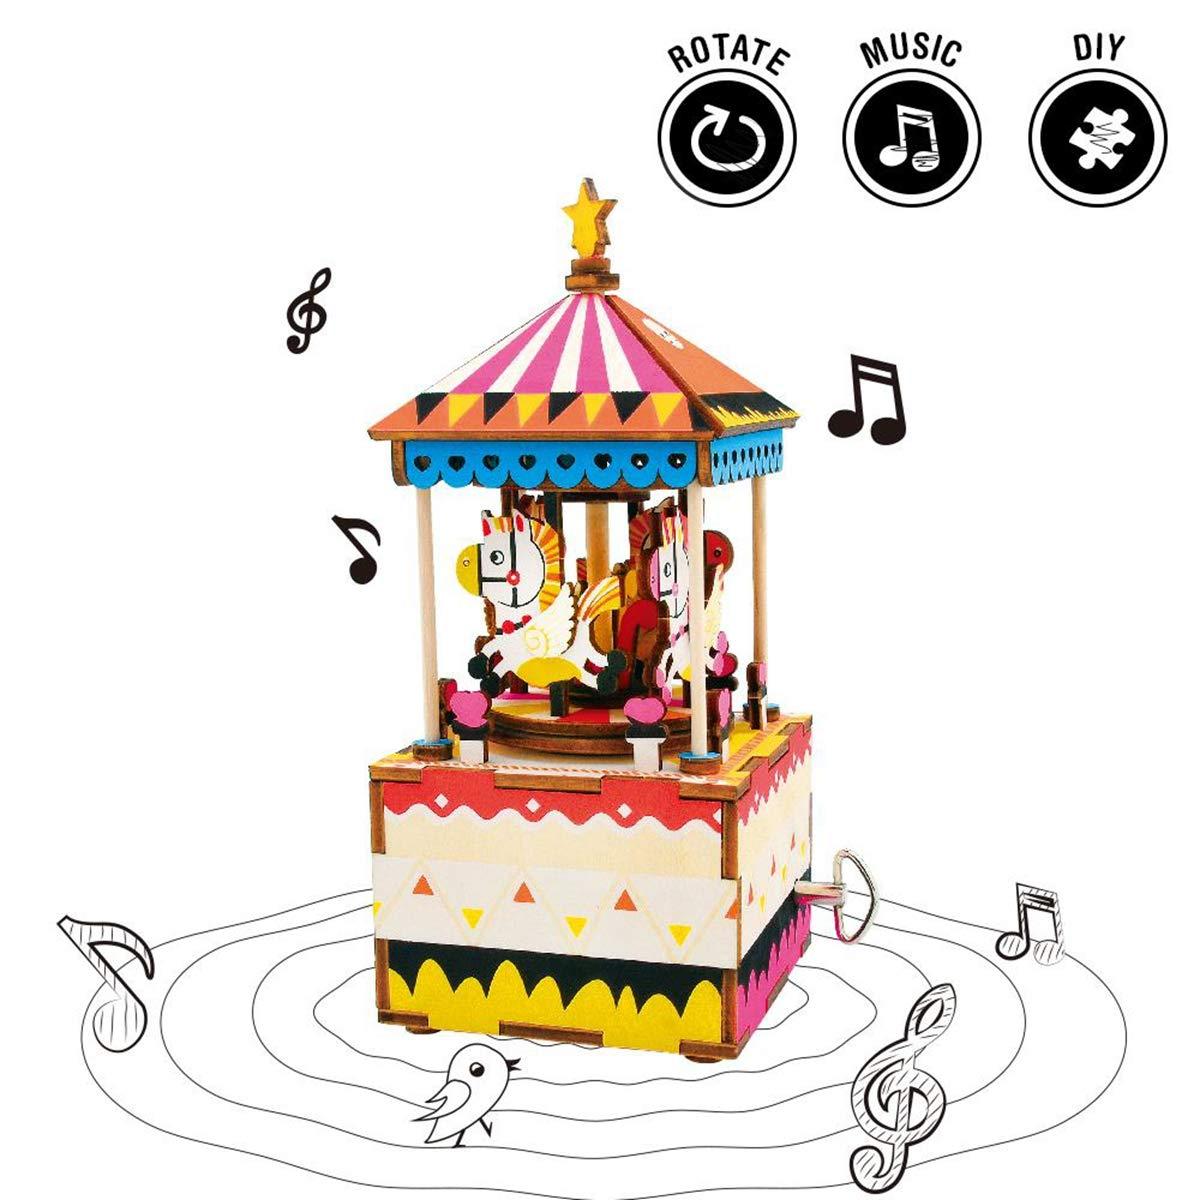 HXZB 3D Wooden Puzzle DIY Music Box Set Farbeful Rotating Wooden Craft Set Best Holiday and Birthday Gift Merry-go-Round B07L2WY858 3D-Puzzles Spielzeugwelt, fröhlicher Ozean   | Gewinnen Sie das Lob der Kunden